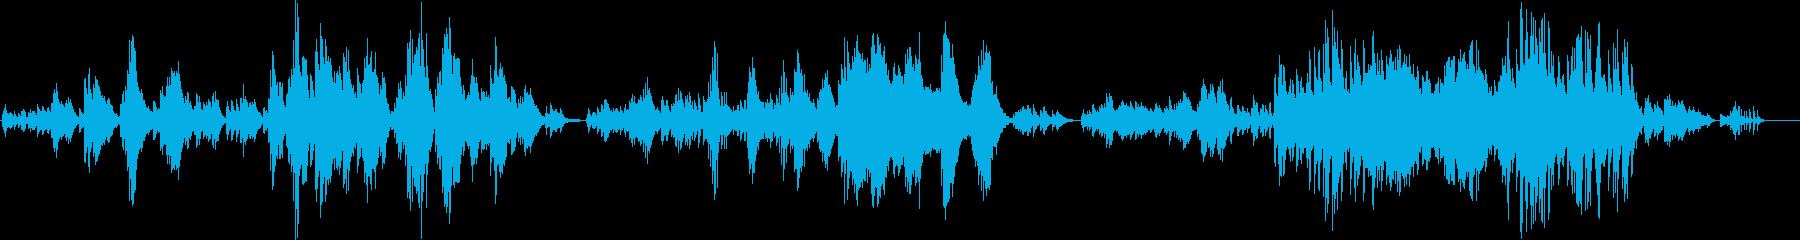 和風とクラシックのハイブリッドピアノソロの再生済みの波形